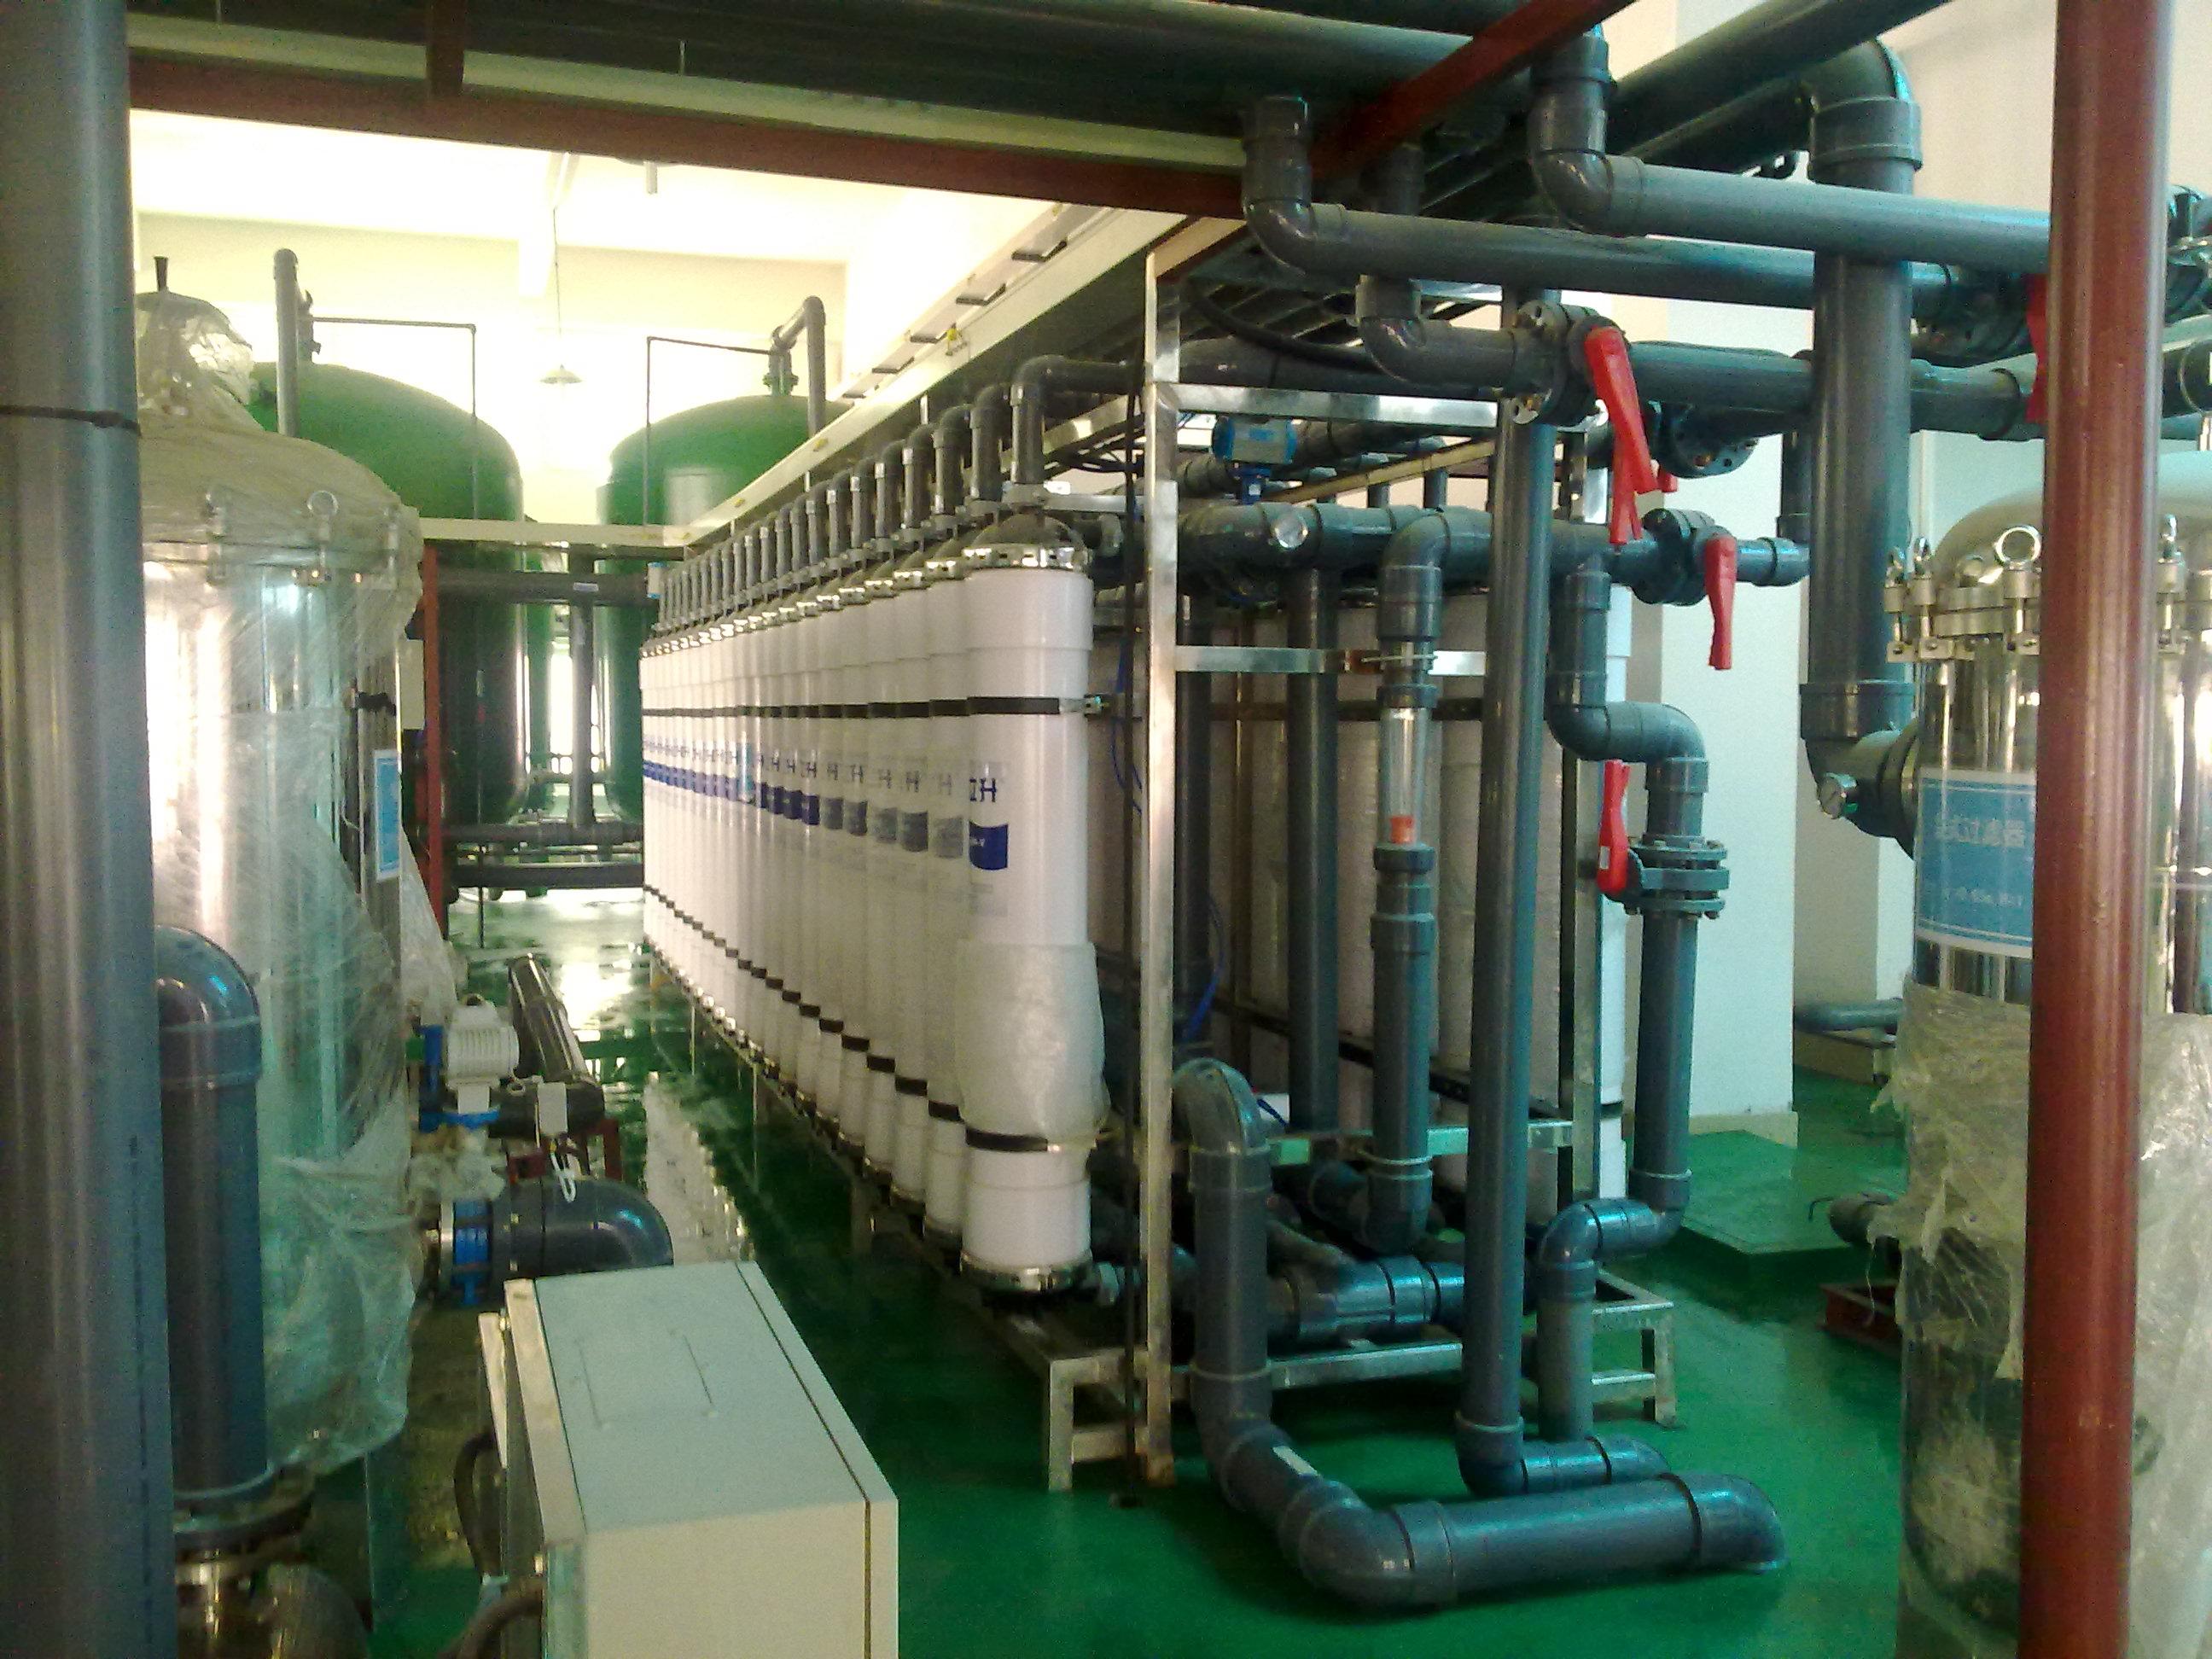 大型超滤净水系统10吨工业净水设备超滤中水回用系统废水处理